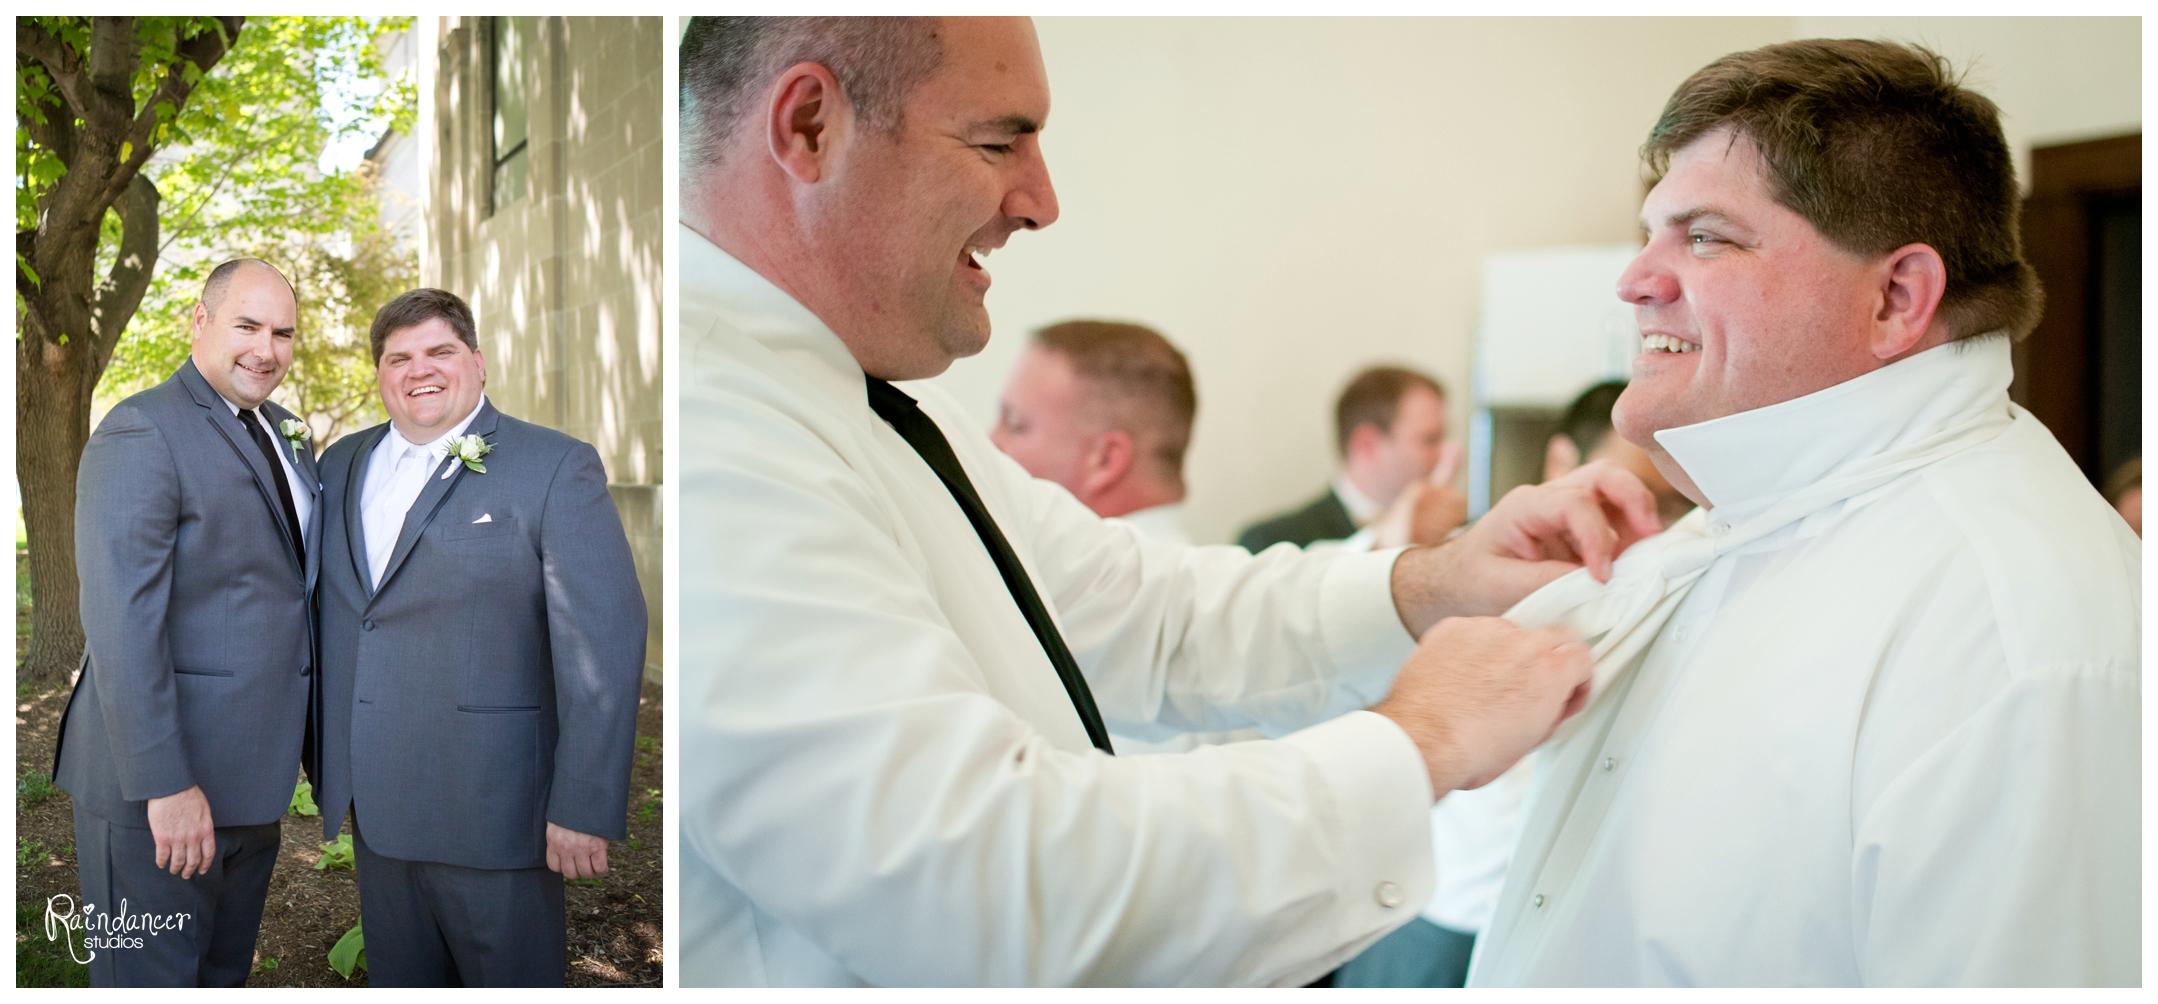 Indianapolis Wedding Photographer, Carmel Wedding Photographer